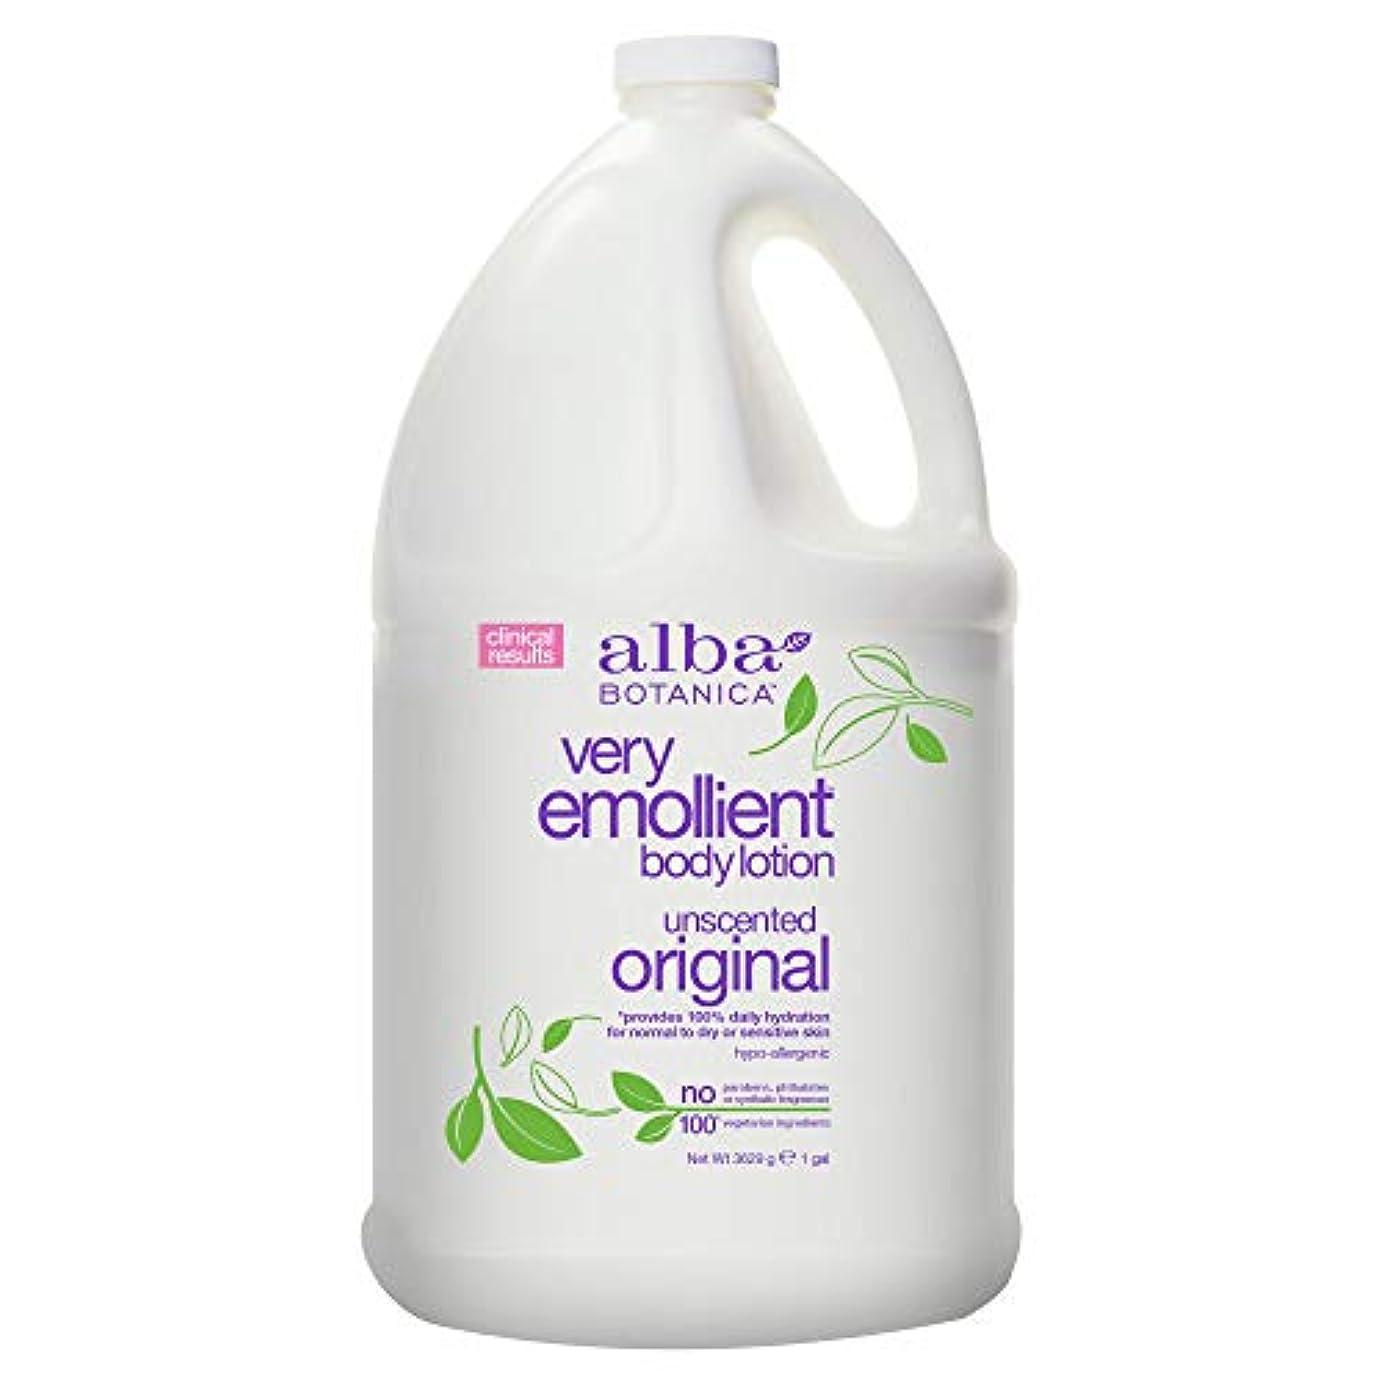 かける写真を撮る飼いならすAlba Botanica Very Emollient Body Lotion Original Unscented - 1 Gallon